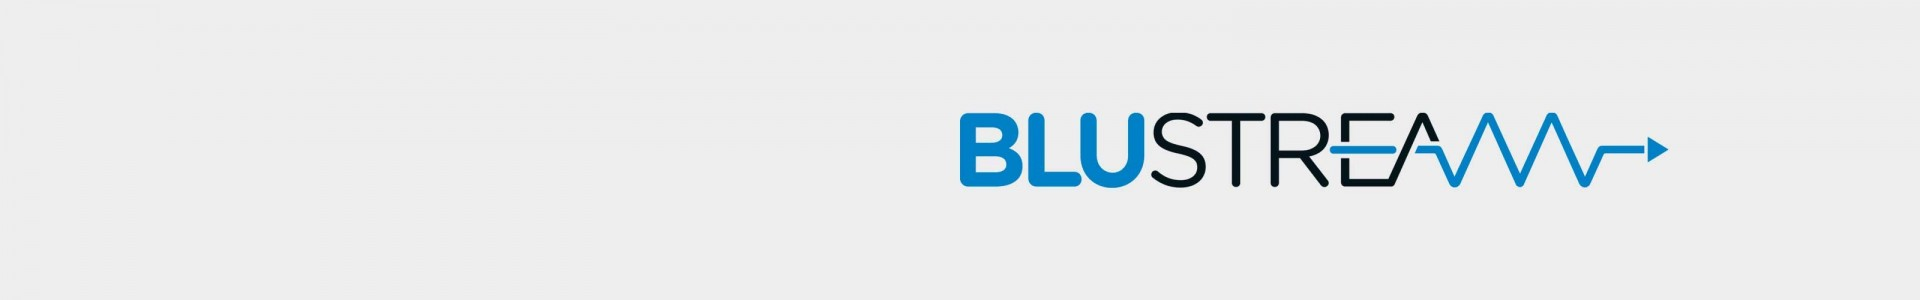 Vídeo IP de Blustream en Avacab - Fiabilidad garantizada